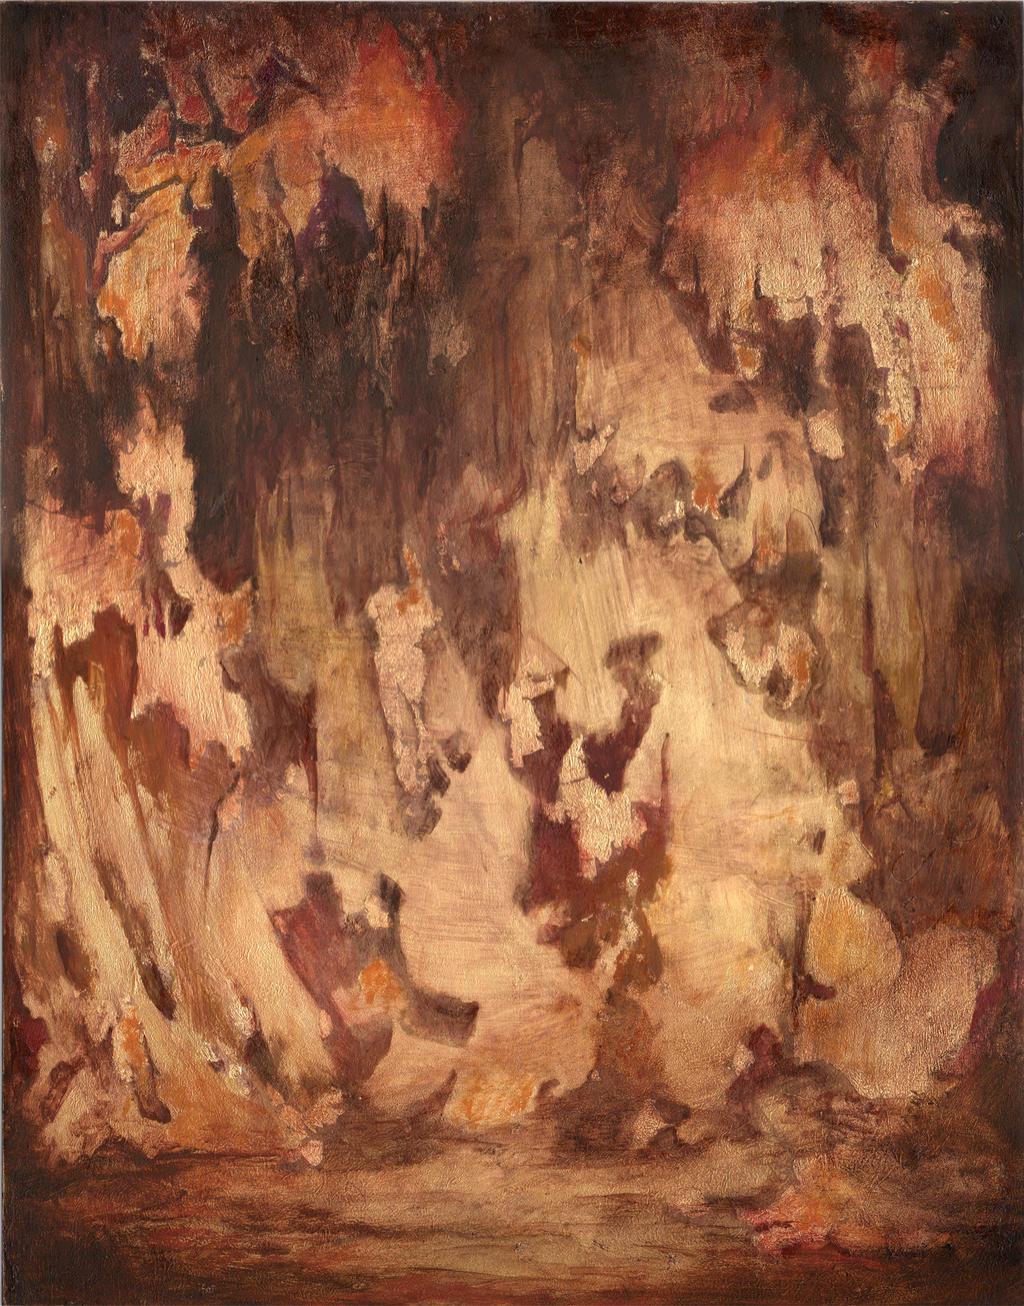 Pukep: Cavern by WukashGrochocki